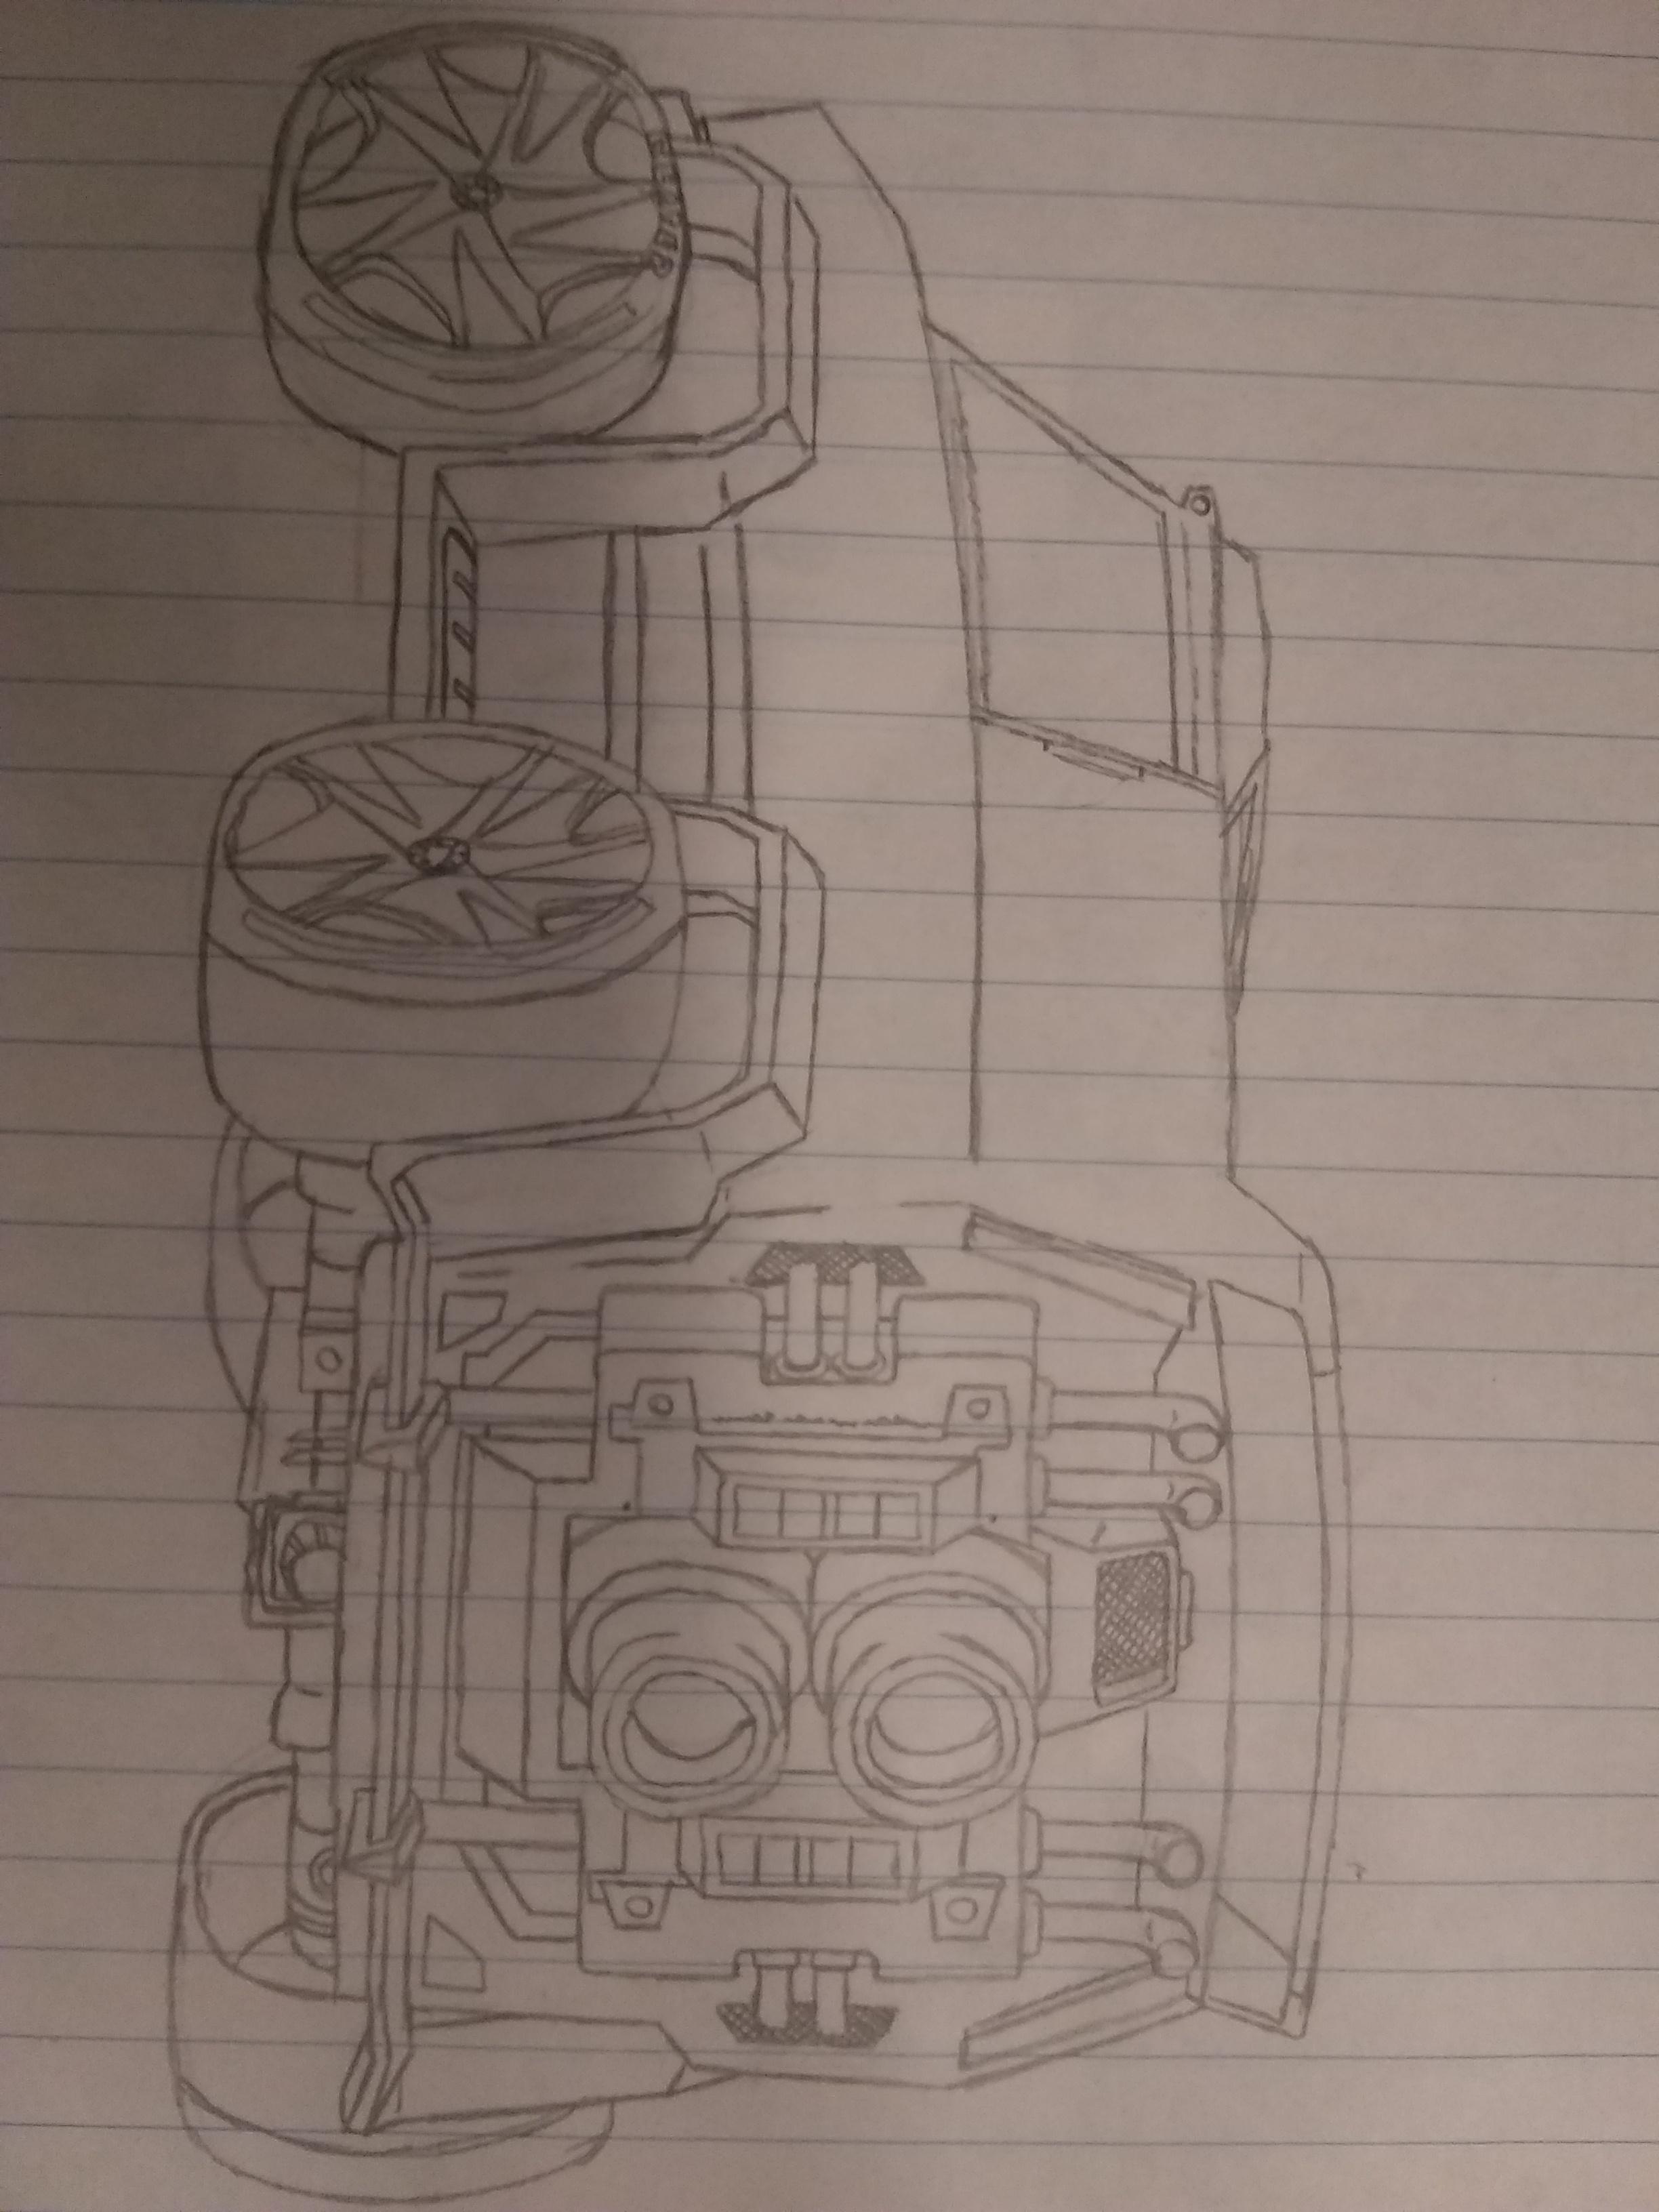 Rocket League Drawing : rocket, league, drawing, Drawing, RocketLeague